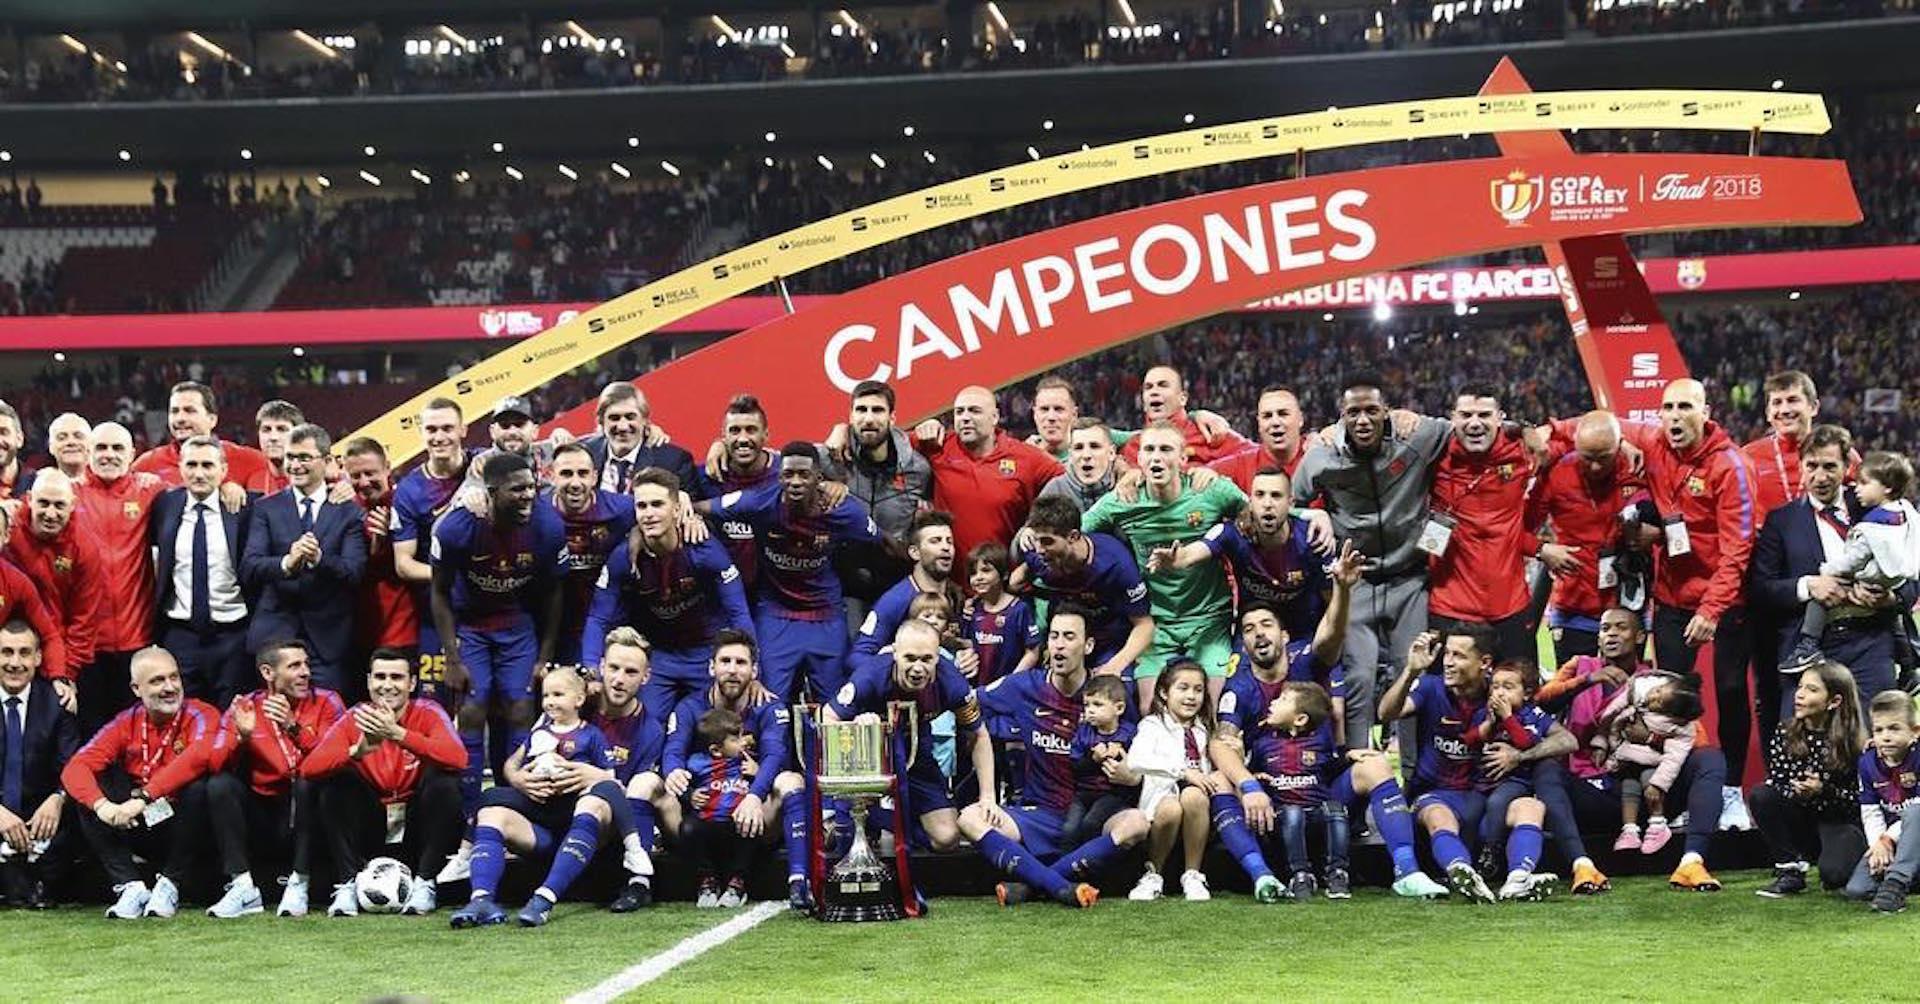 Barcelona viene de ganar La Liga y la Copa del Rey, mientras que Real Madrid se encuentra en la final de la Champions League